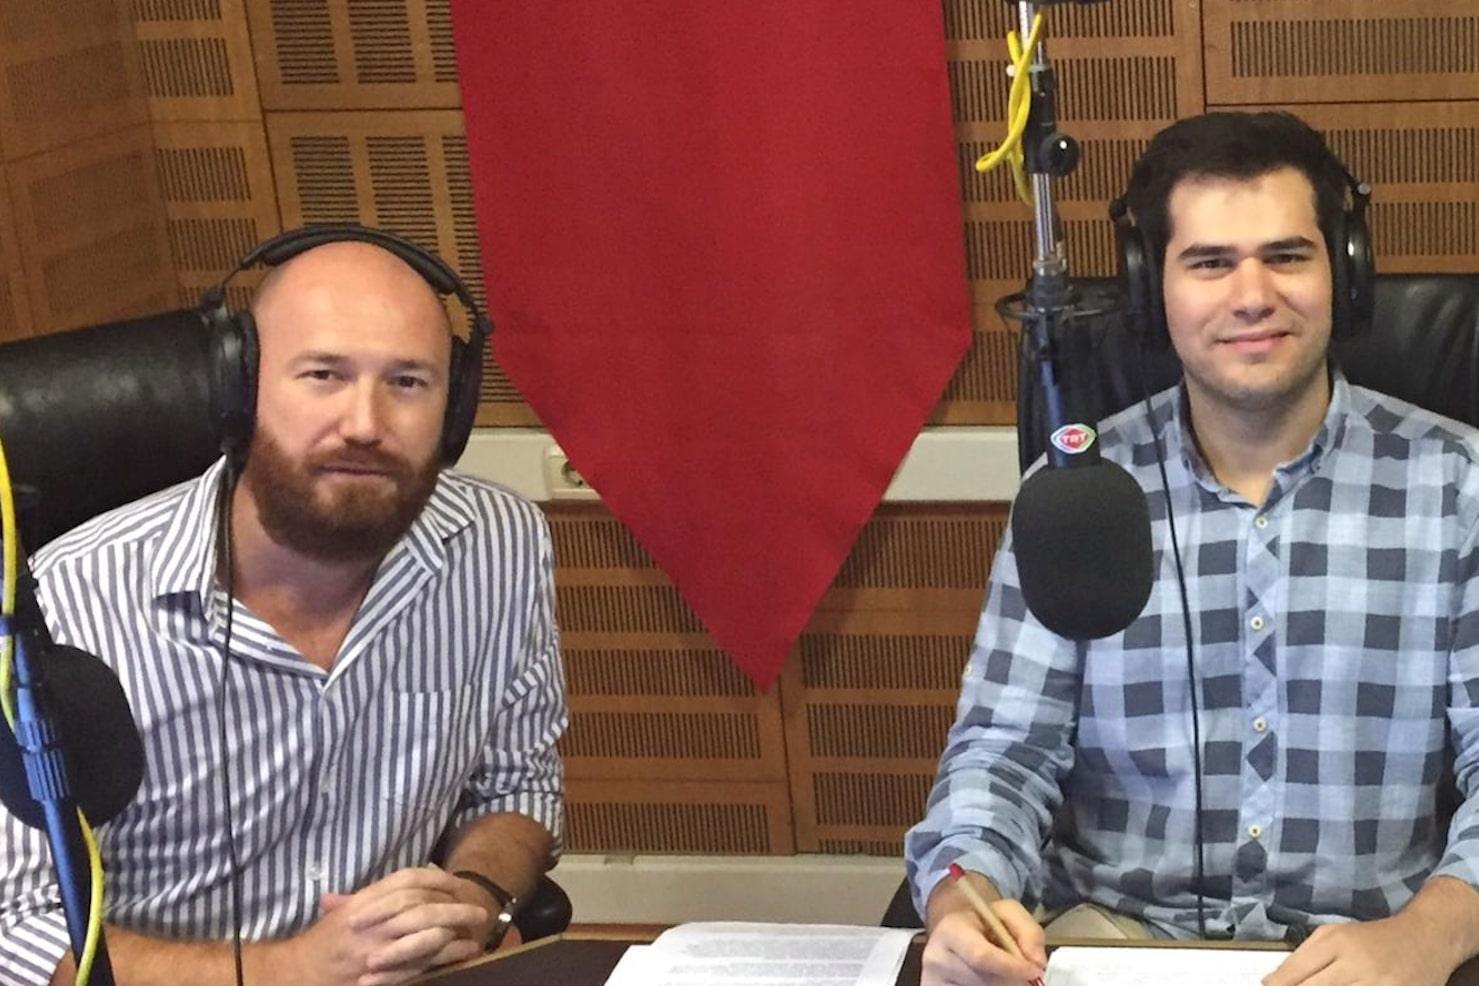 Ozan Arslan TRT Radyo sabah haberlerinde Avrupa'da terör saldırılarını değerlendirdi